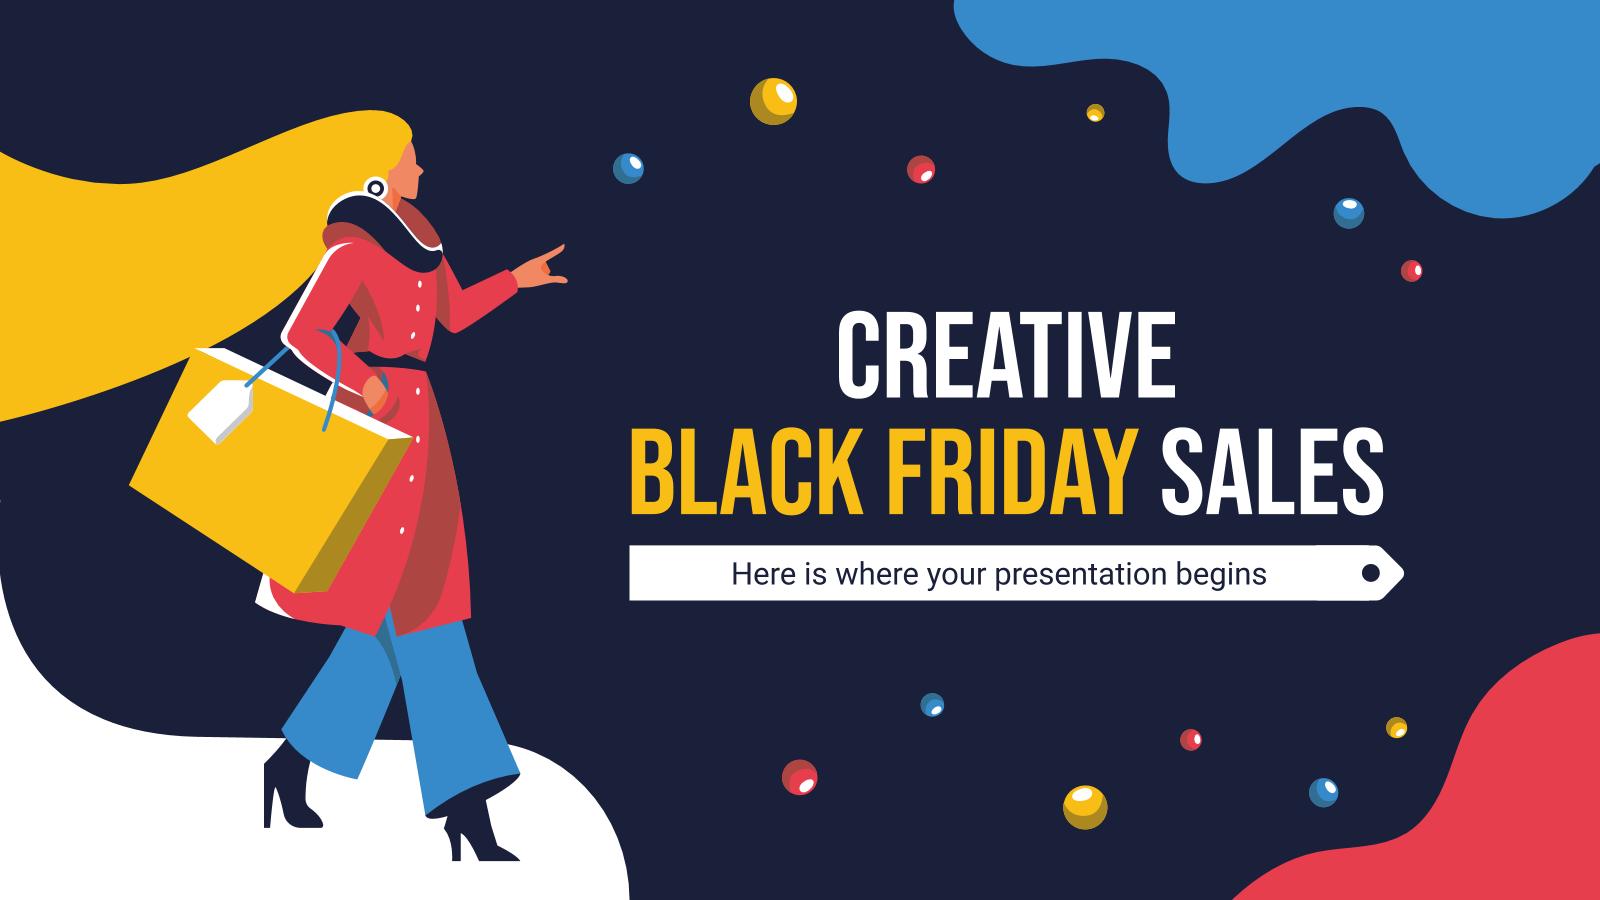 Ventes du Black Friday créatif : Modèles de présentation